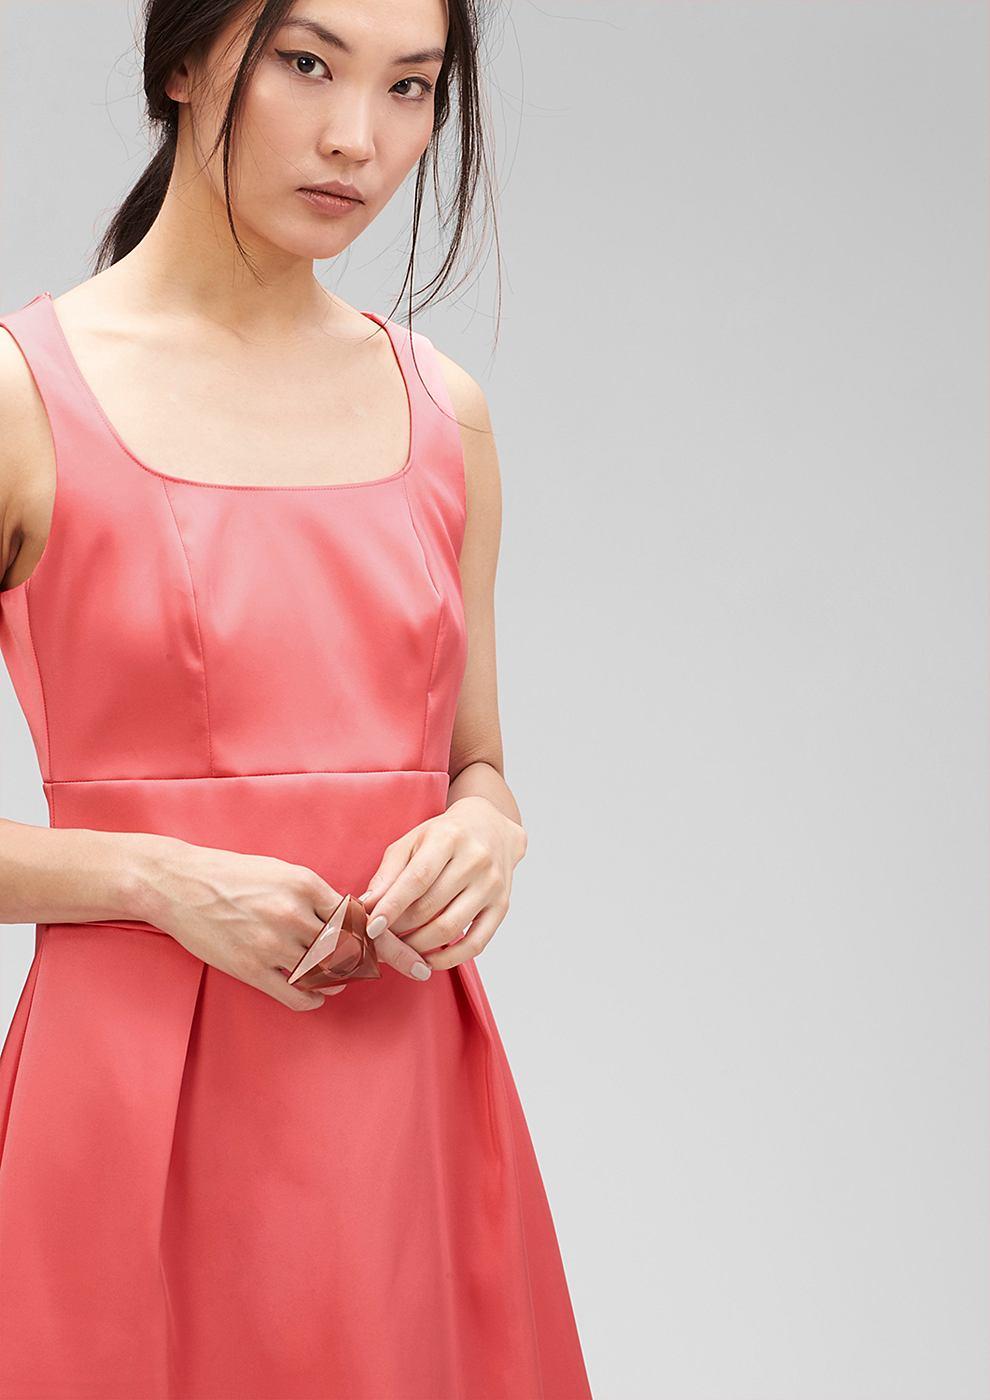 s.Oliver Premium Getailleerde jurk van satijn rood